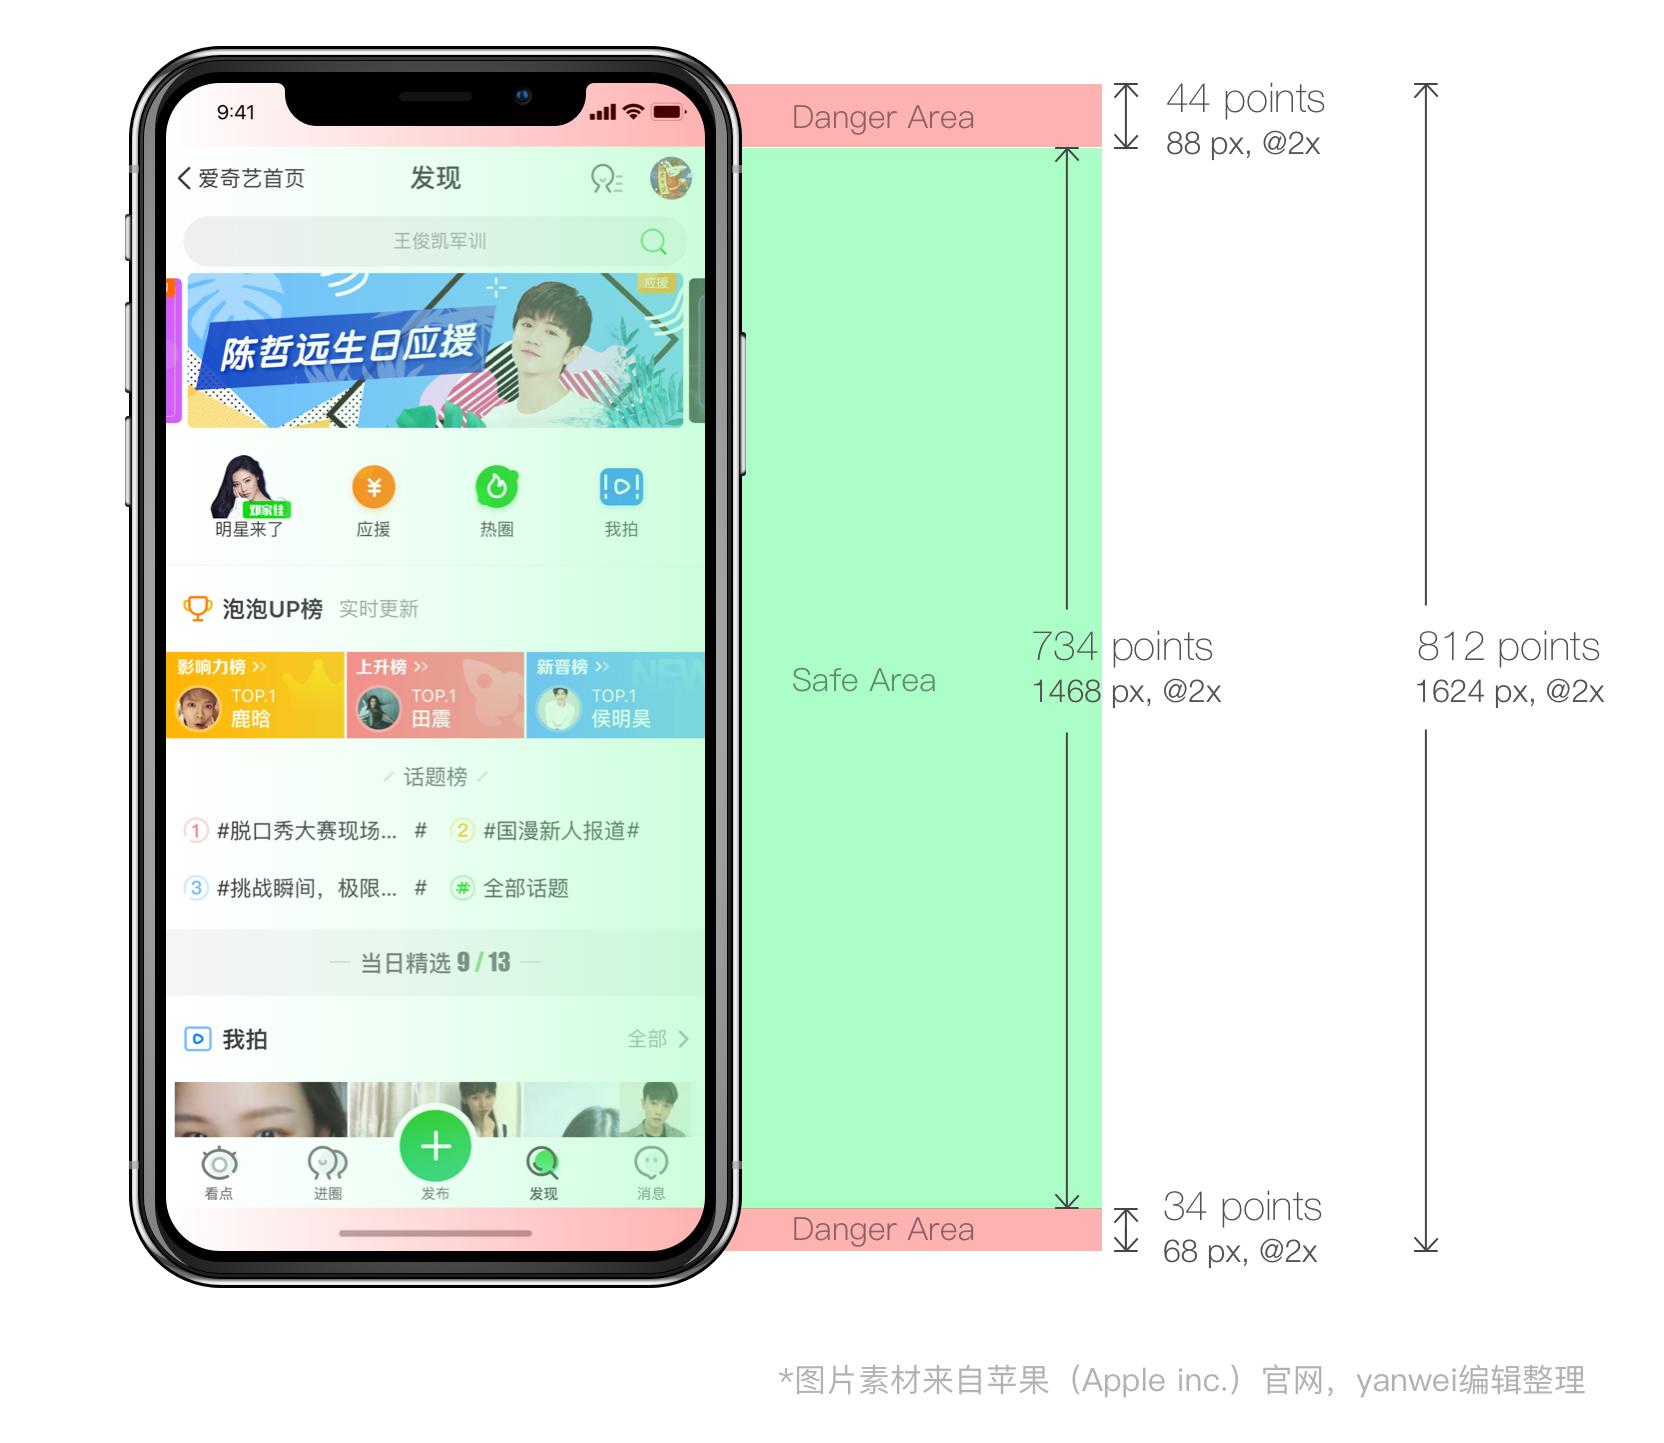 X适配手机和设计-手机界面设计,尺寸UI深圳建筑设计研究一院图片